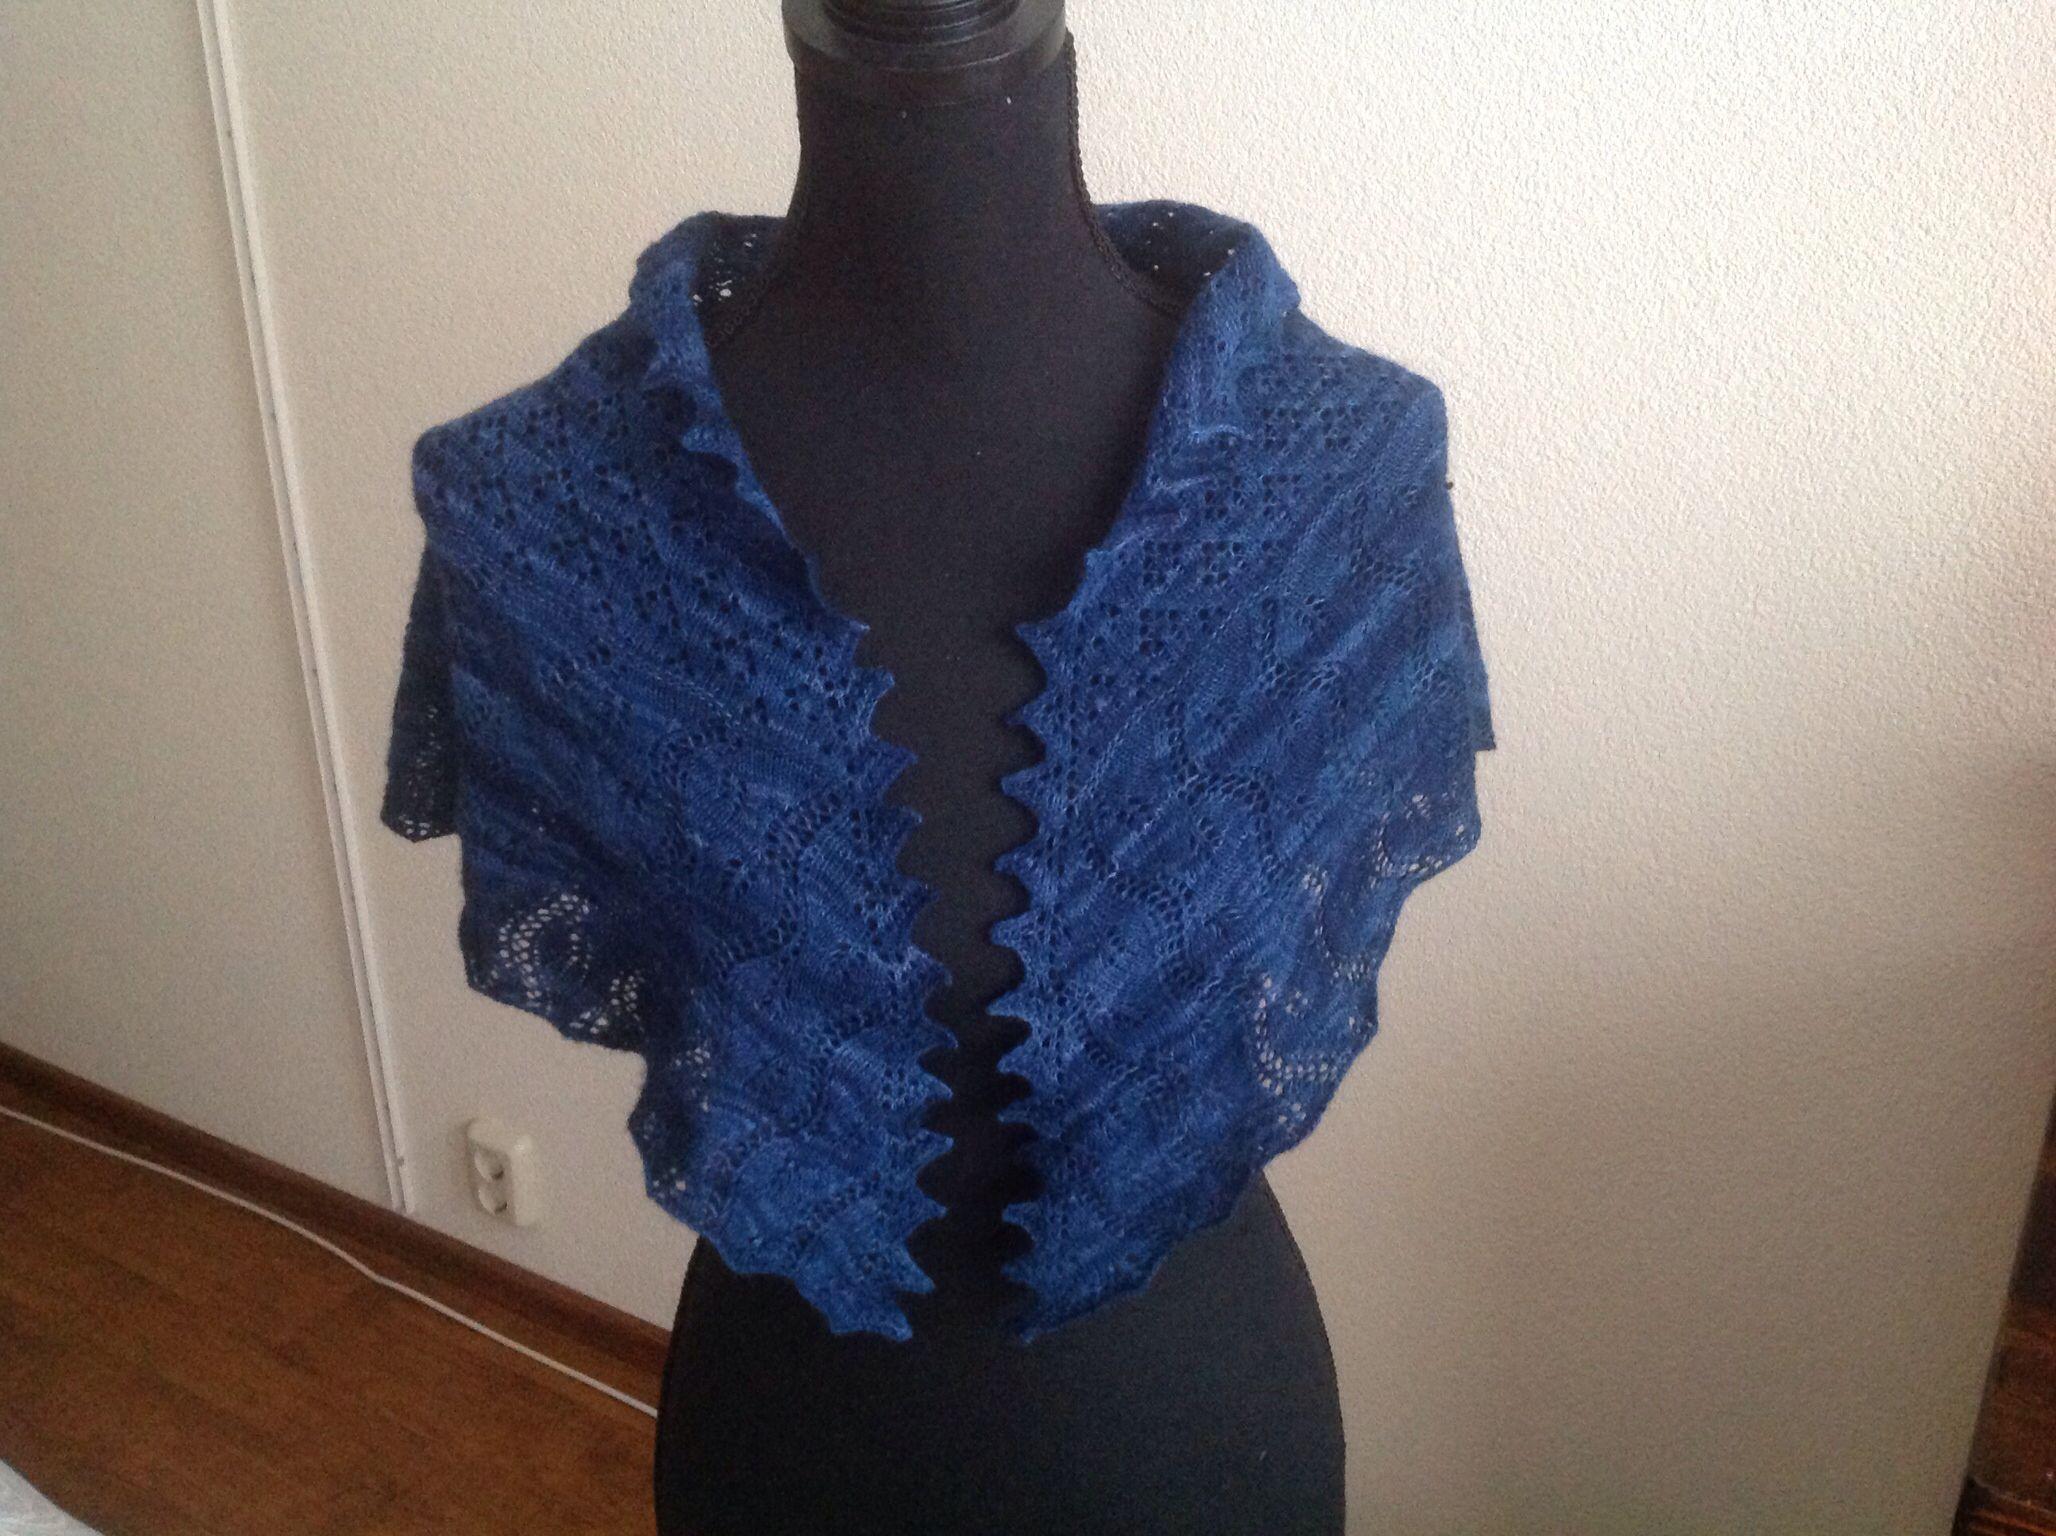 Omslagdoek zelf gebreid van Malabrigo Lace Baby Merino wol uit Uruguay. De kleur is Azul Profundo 150. Het onderste deel van de sjaal is gebaseerd op de Hortensiabloem.